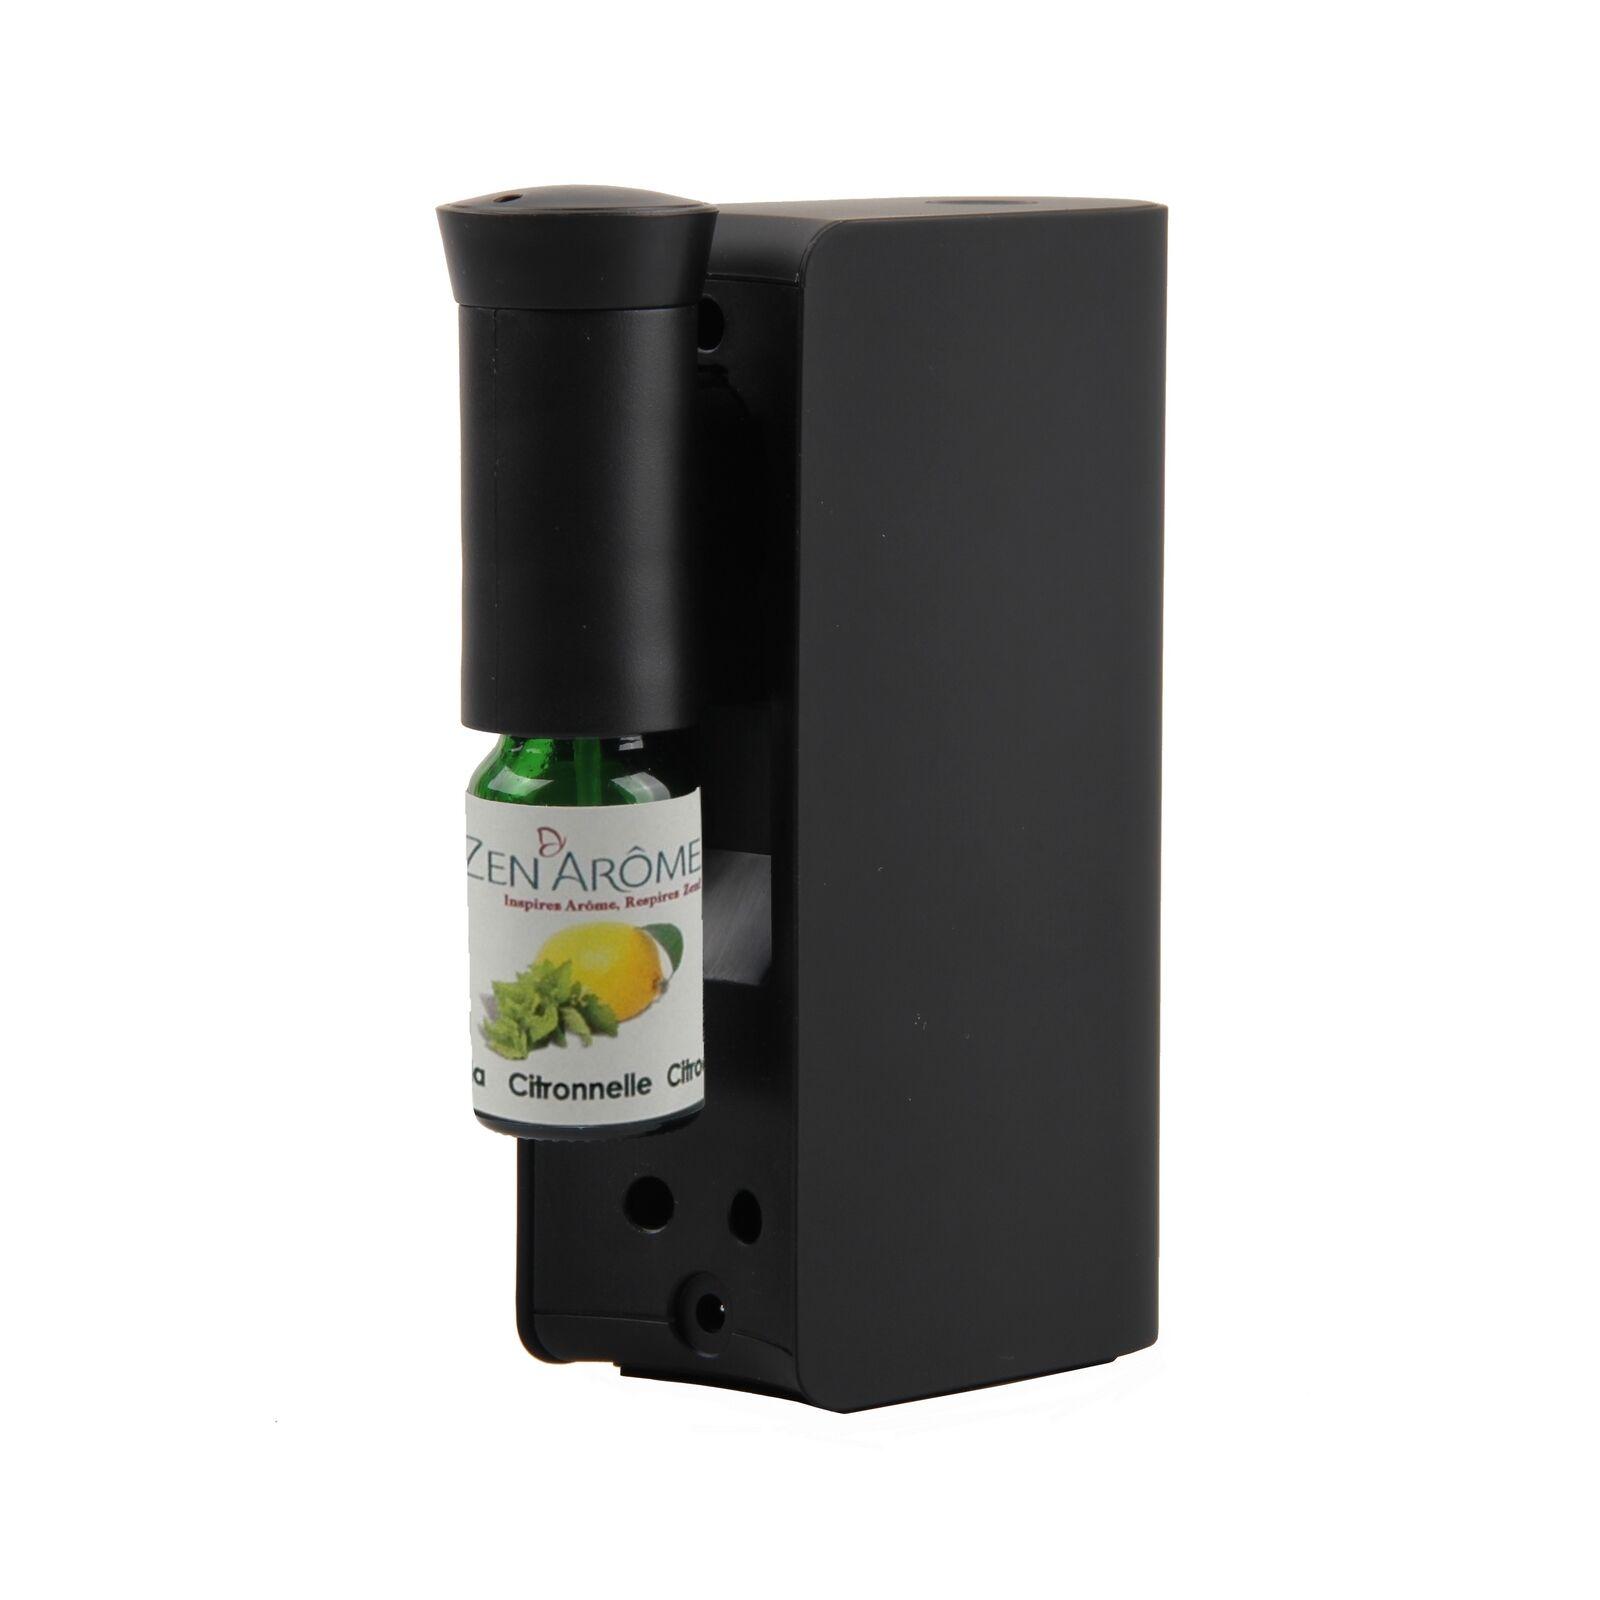 Zen'Arôme Diffuseur d'huiles essentielles par nébulisation Mobysens noir